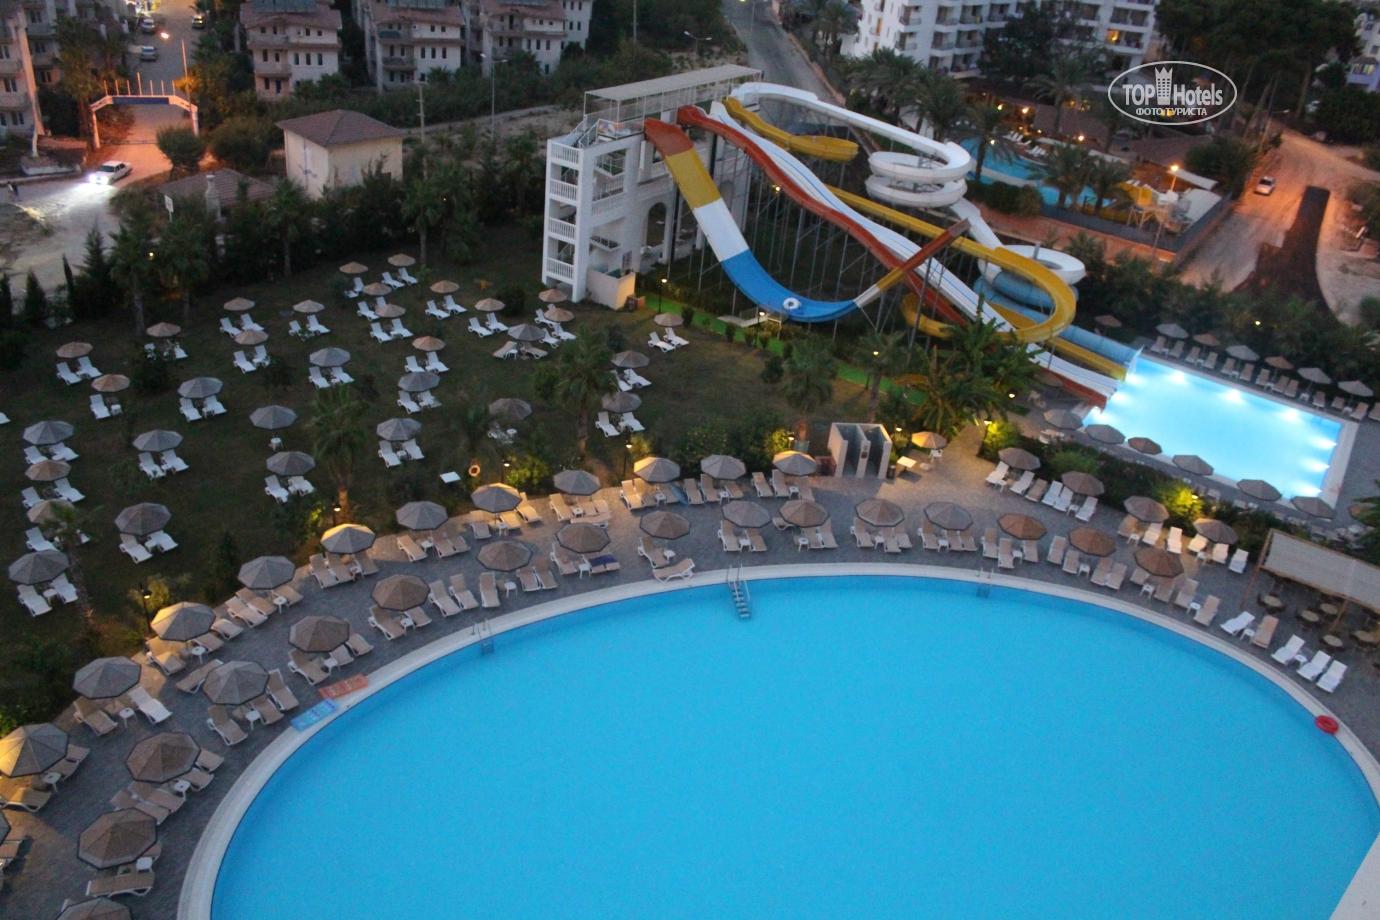 полицейские жалуют дефне дефнем отель турция фото сказал предыдущем шаге